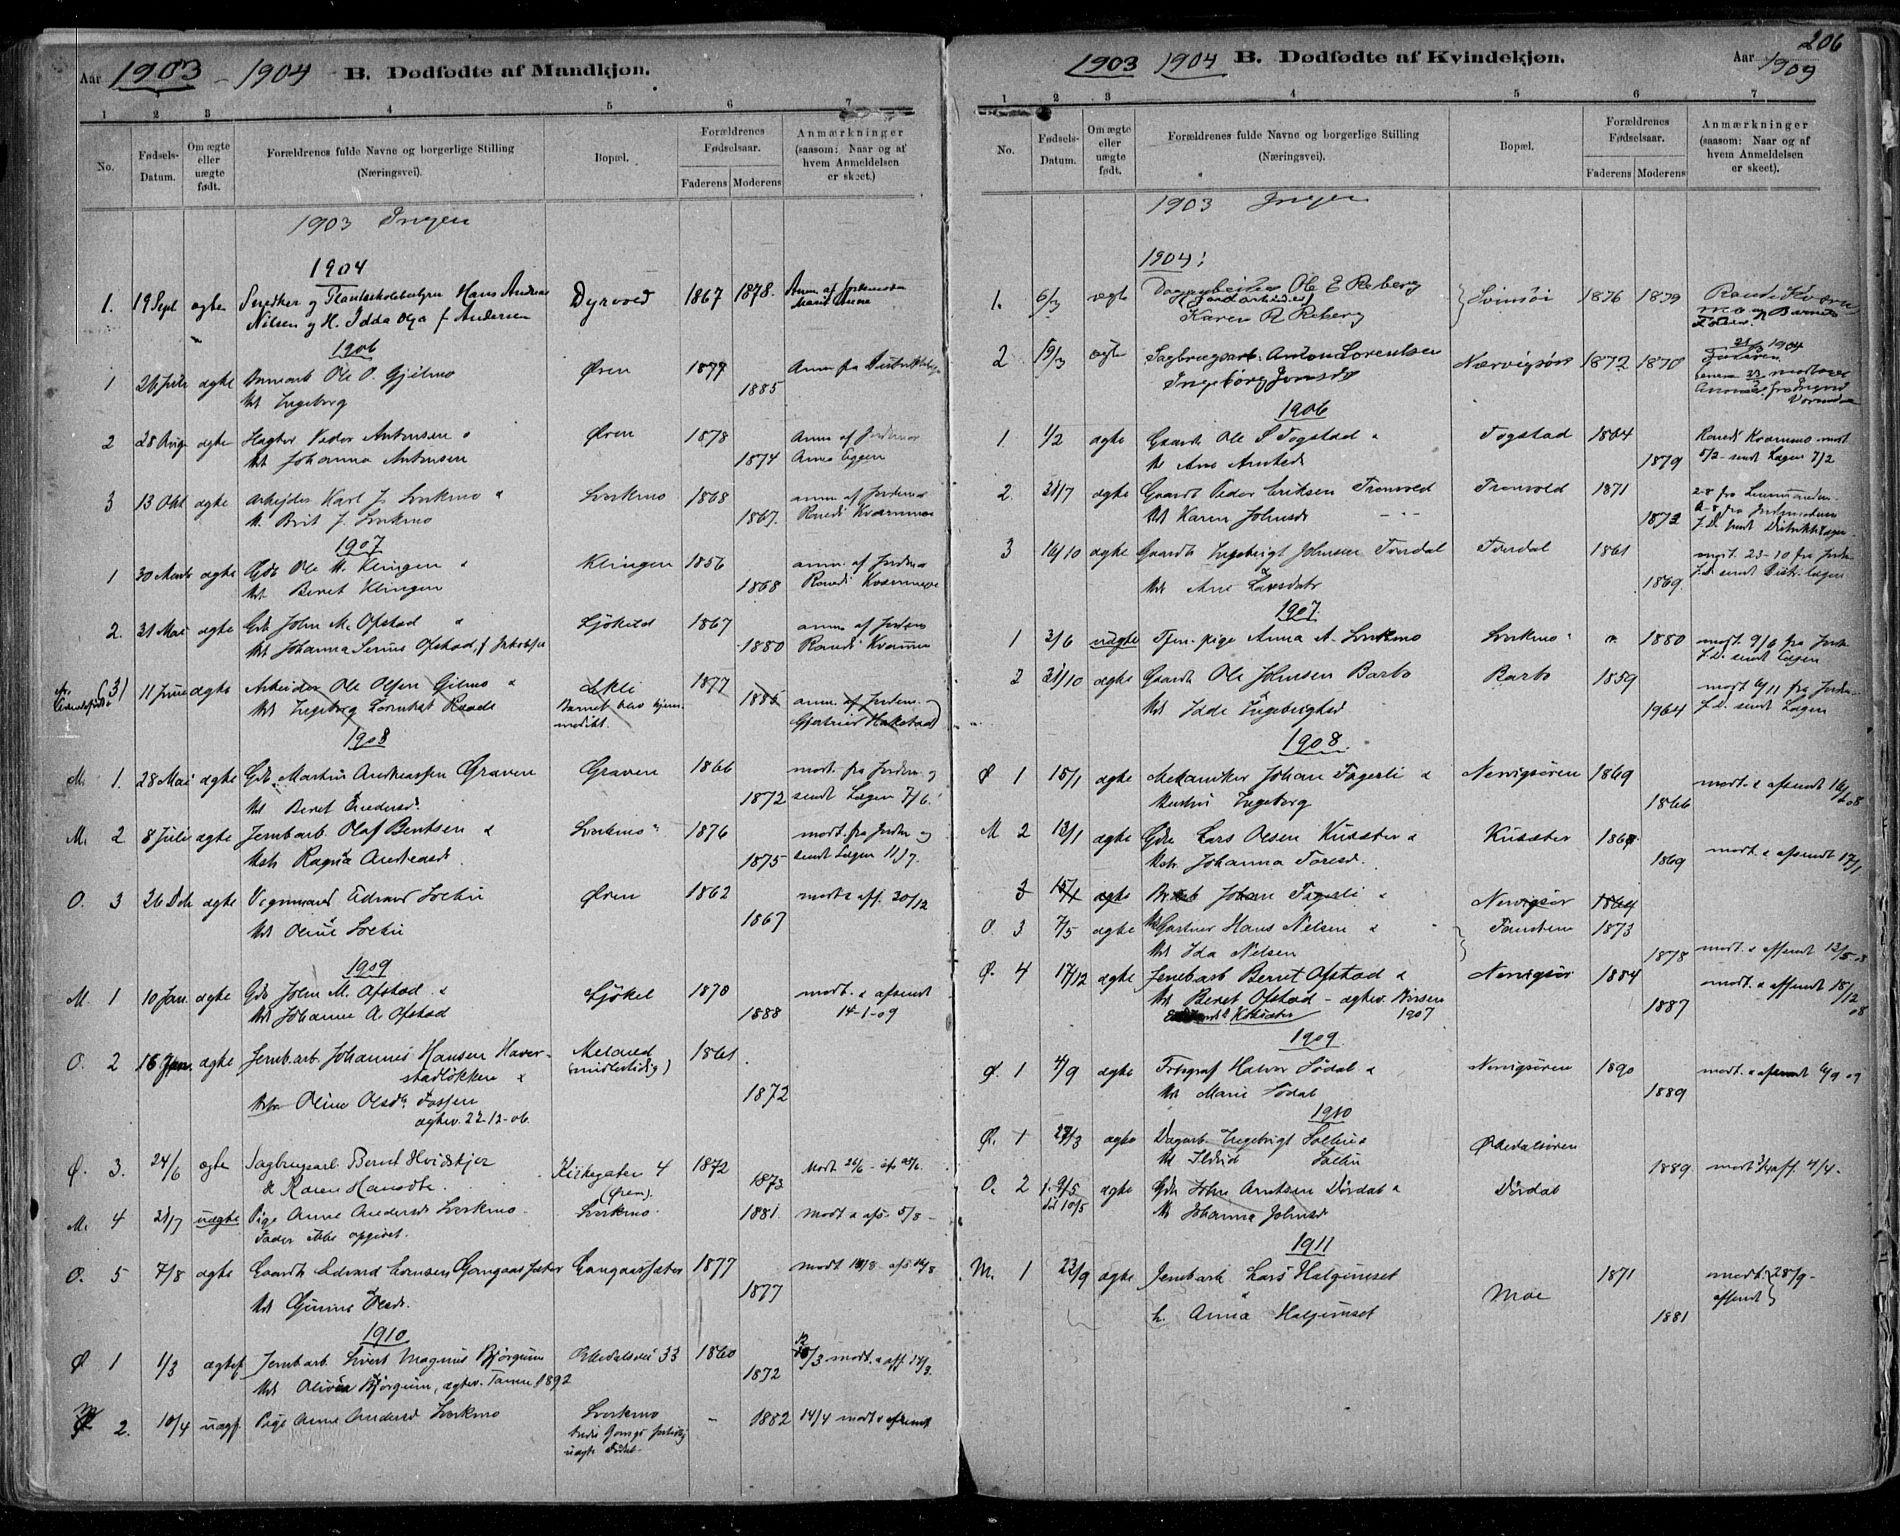 SAT, Ministerialprotokoller, klokkerbøker og fødselsregistre - Sør-Trøndelag, 668/L0811: Ministerialbok nr. 668A11, 1894-1913, s. 206